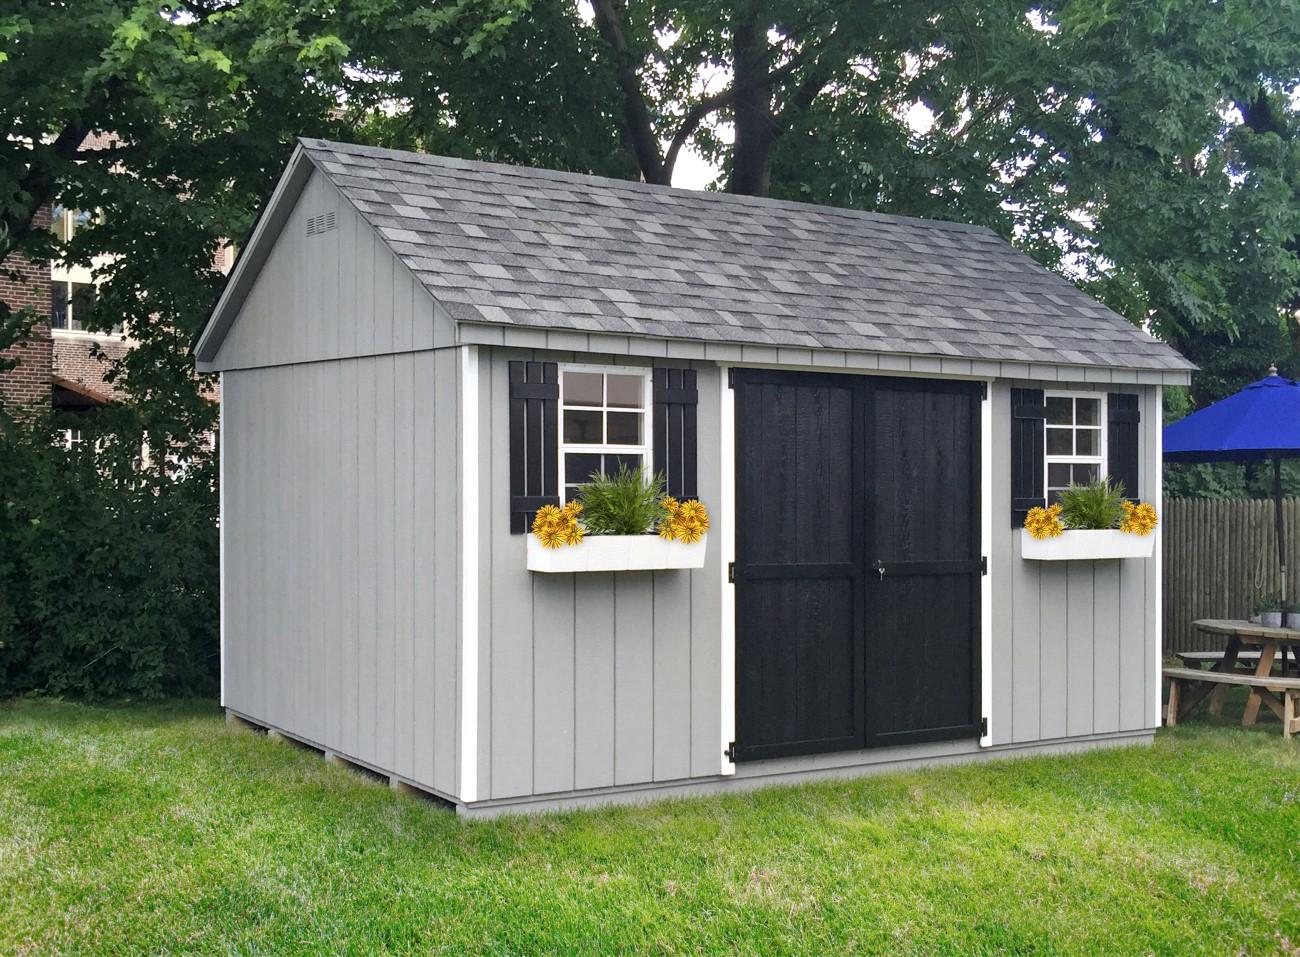 a frame sheds garden storage shed elite outdoor sheds ny ct. Black Bedroom Furniture Sets. Home Design Ideas